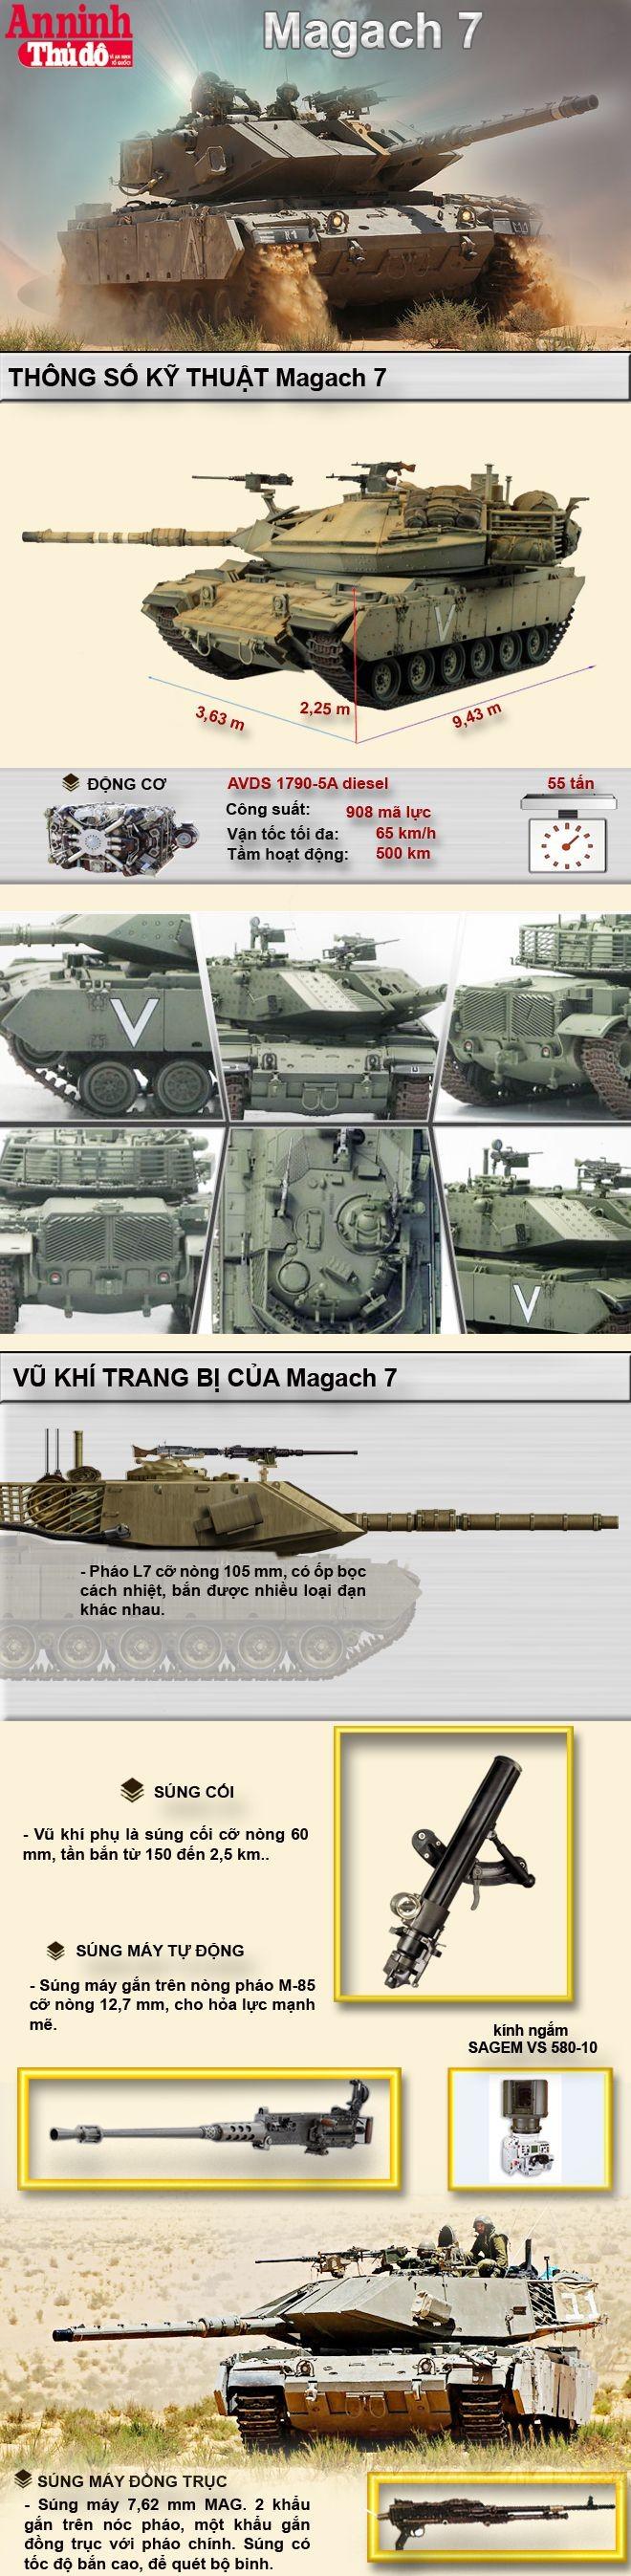 [Infographic] Magach 7- Giải pháp thêm vuốt cho Voi Sắt M48,60